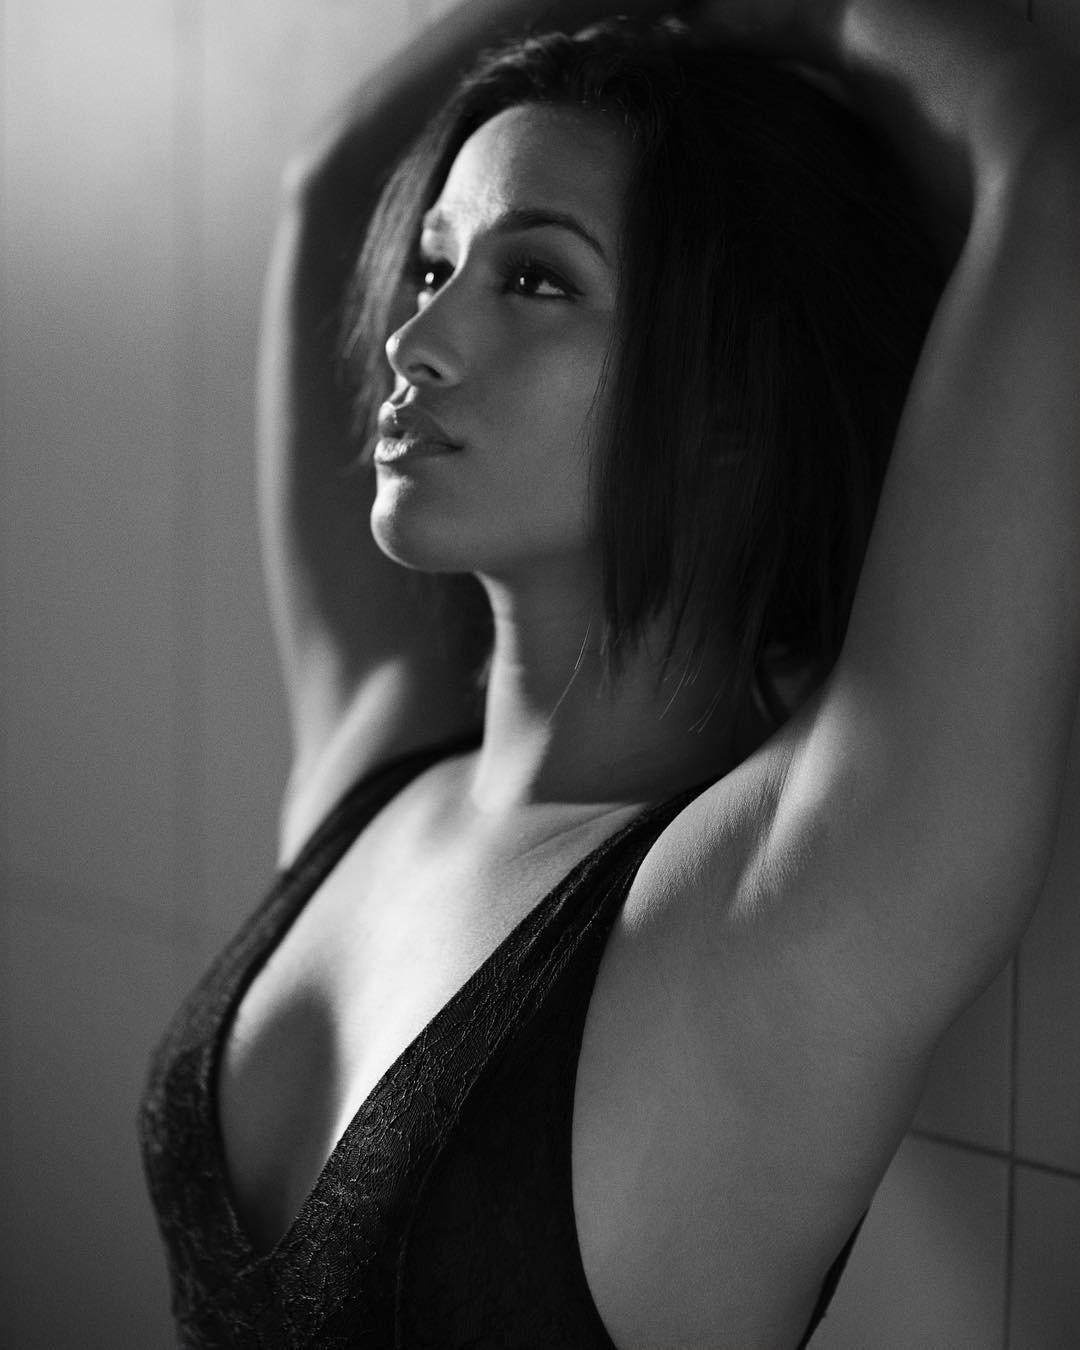 Chanel Terrero Desnuda Fotos Y Vídeos Imperiodefamosas